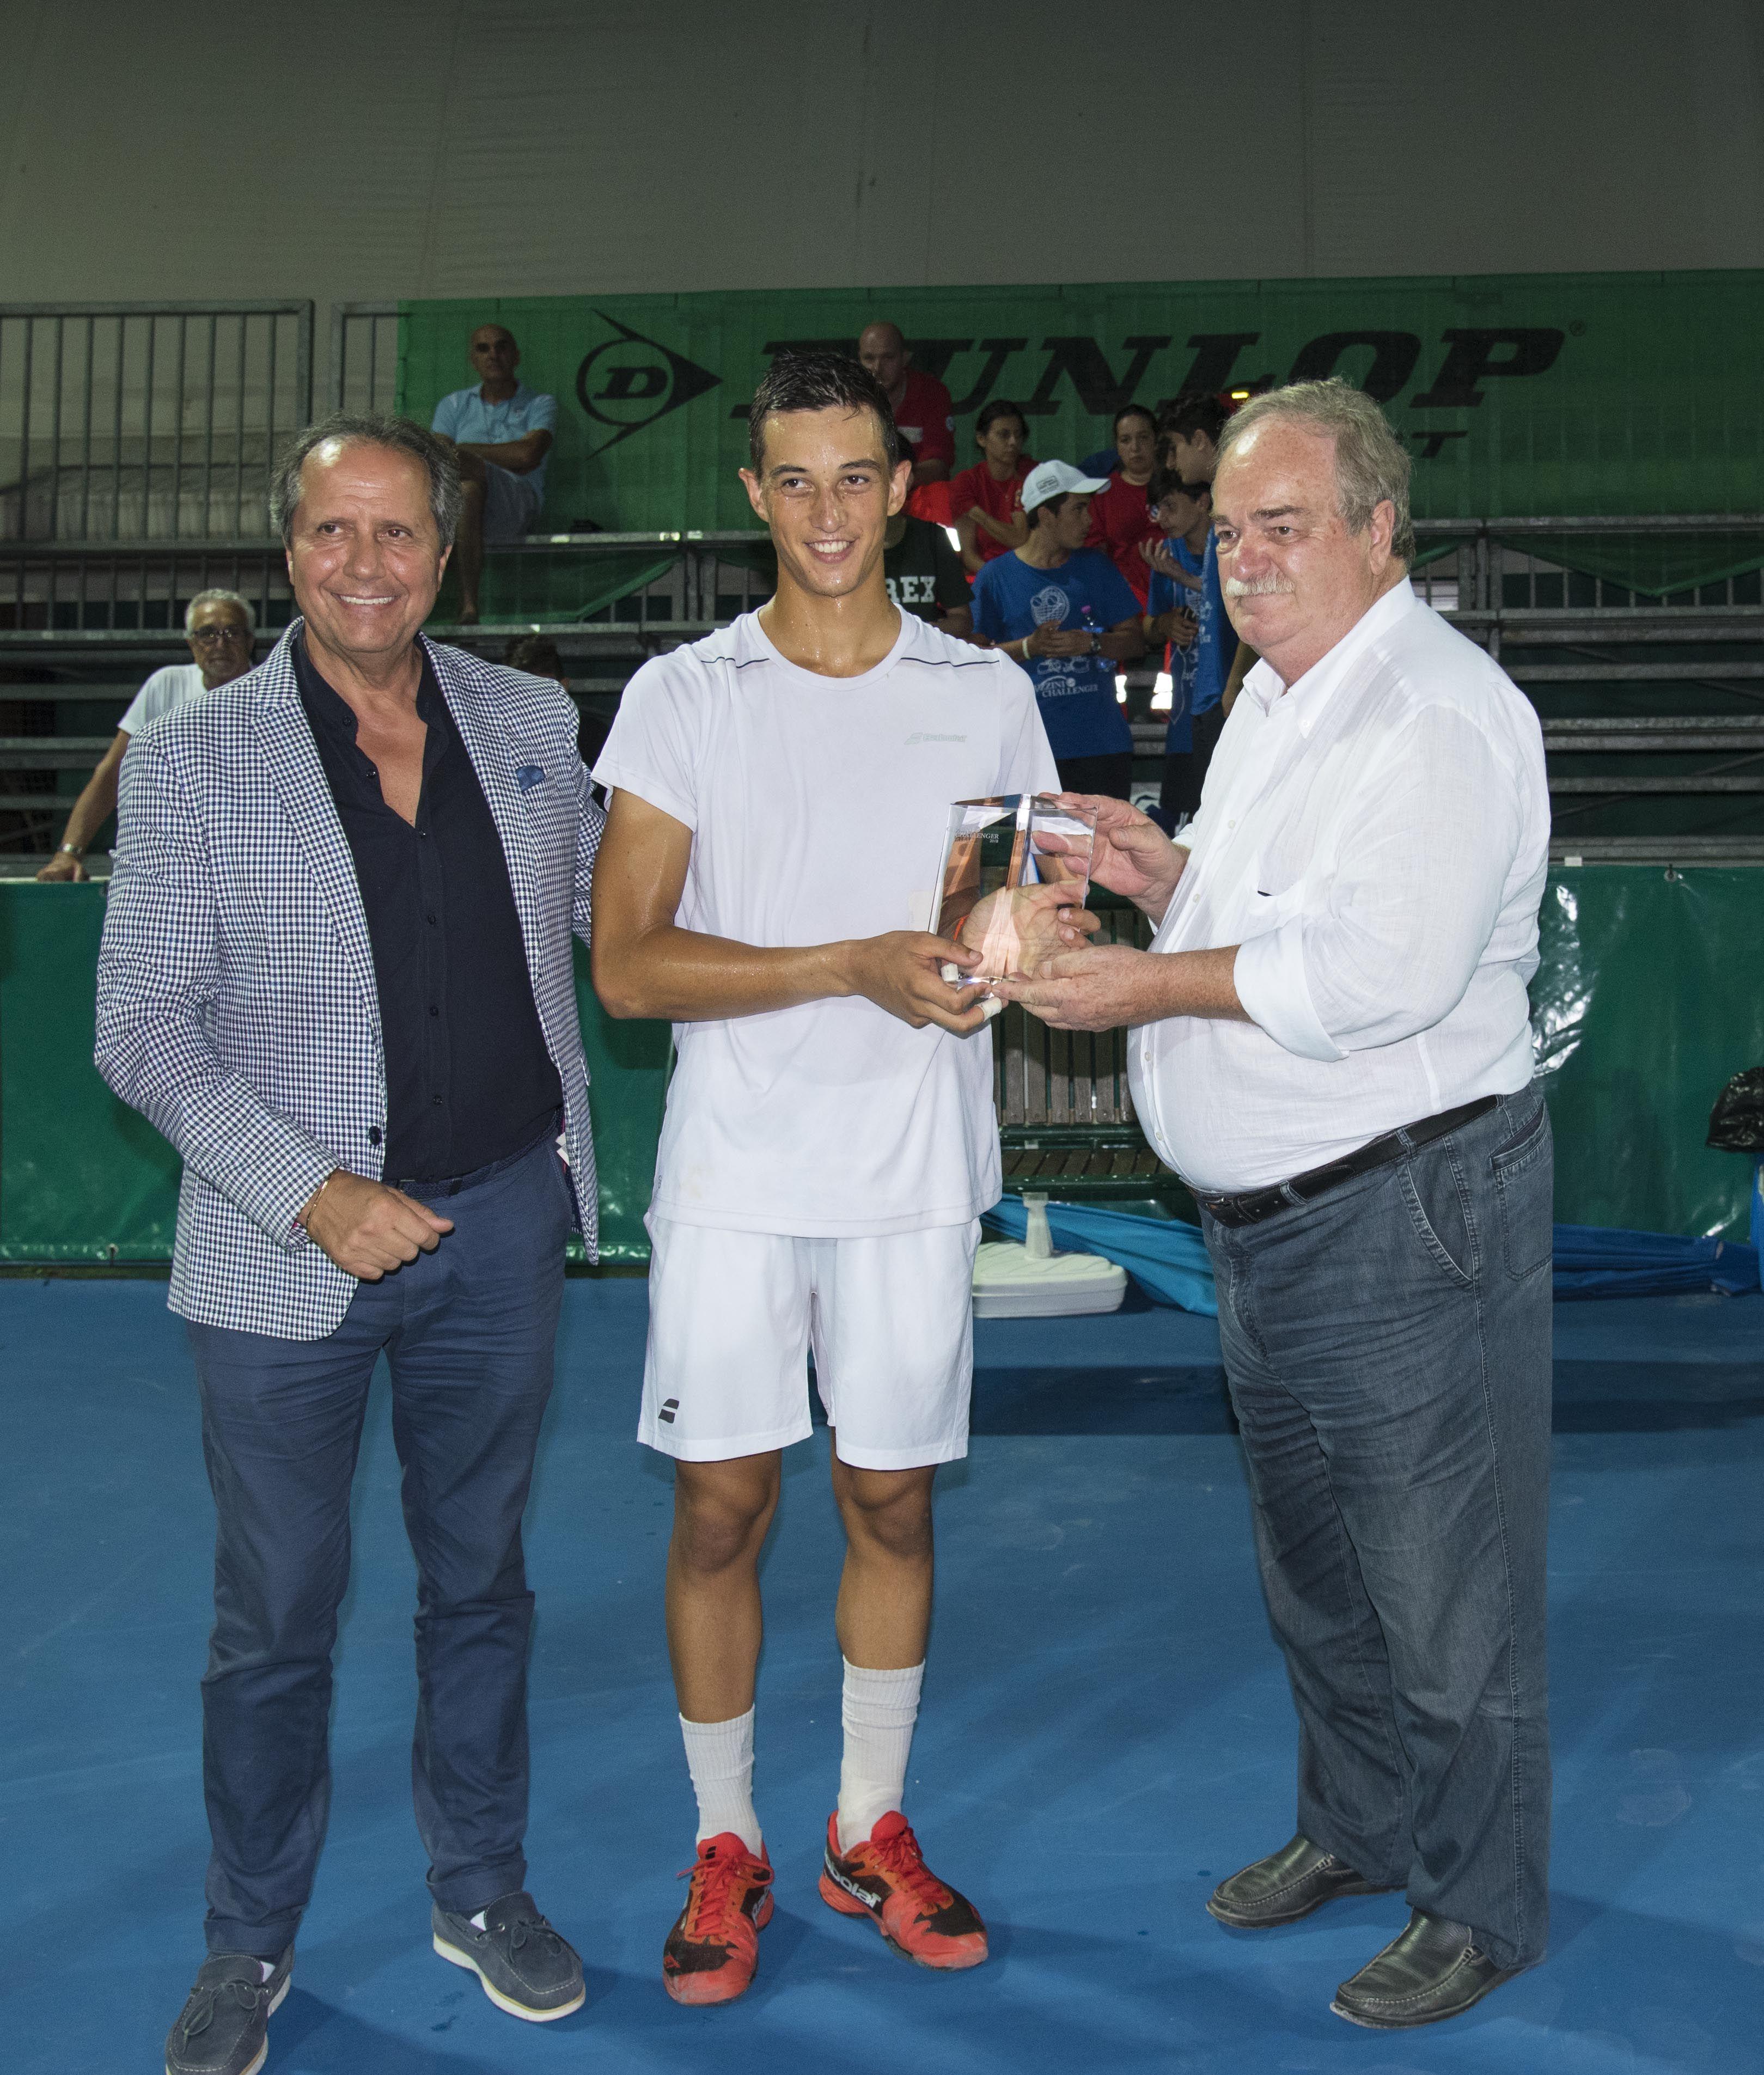 Da Recanati: Il giovane francese Hoang premiato come miglior giovane promessa